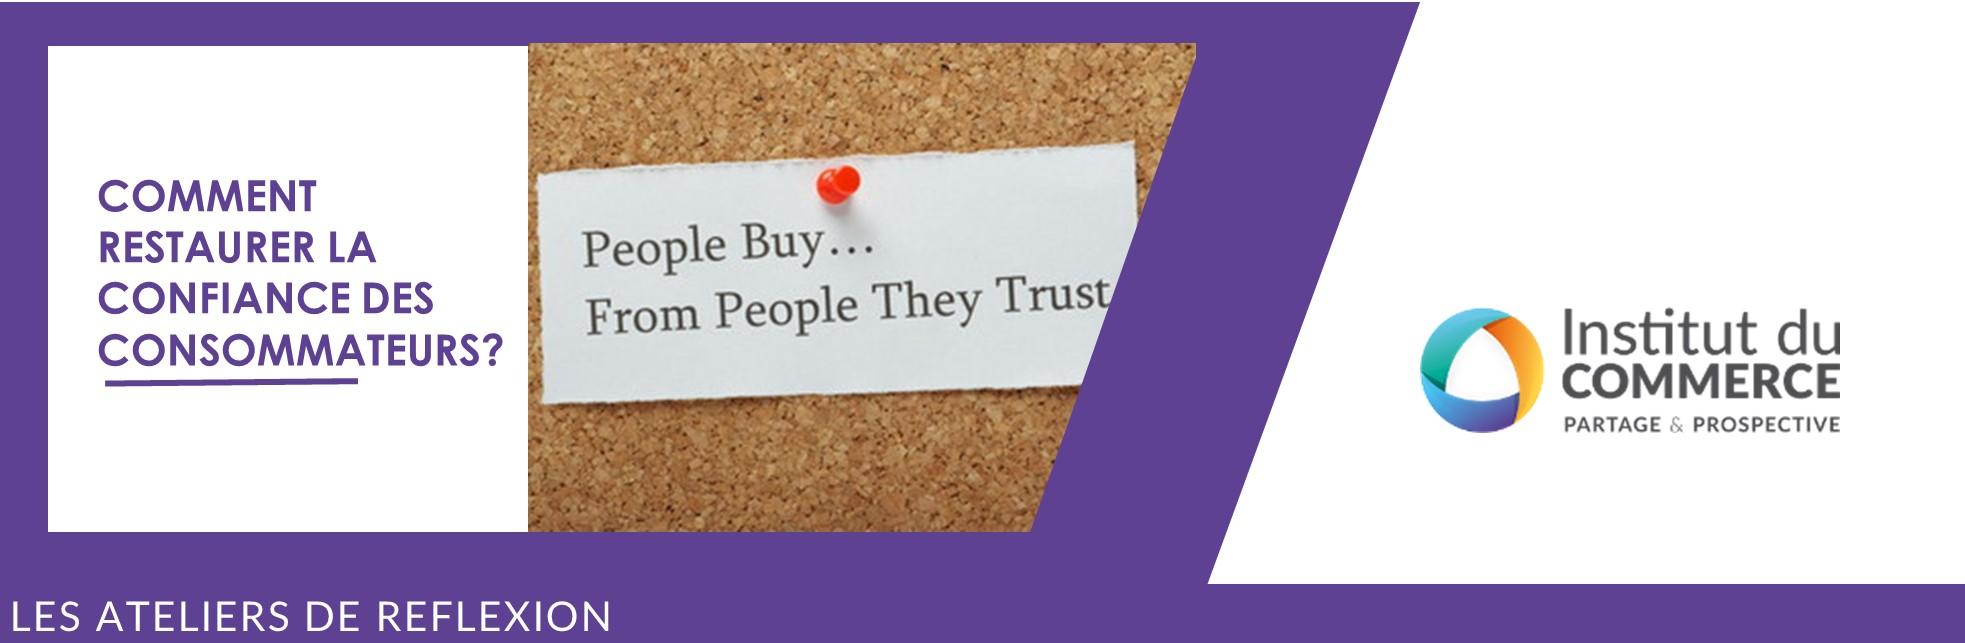 #1 - Comment regagner la confiance des consommateurs?